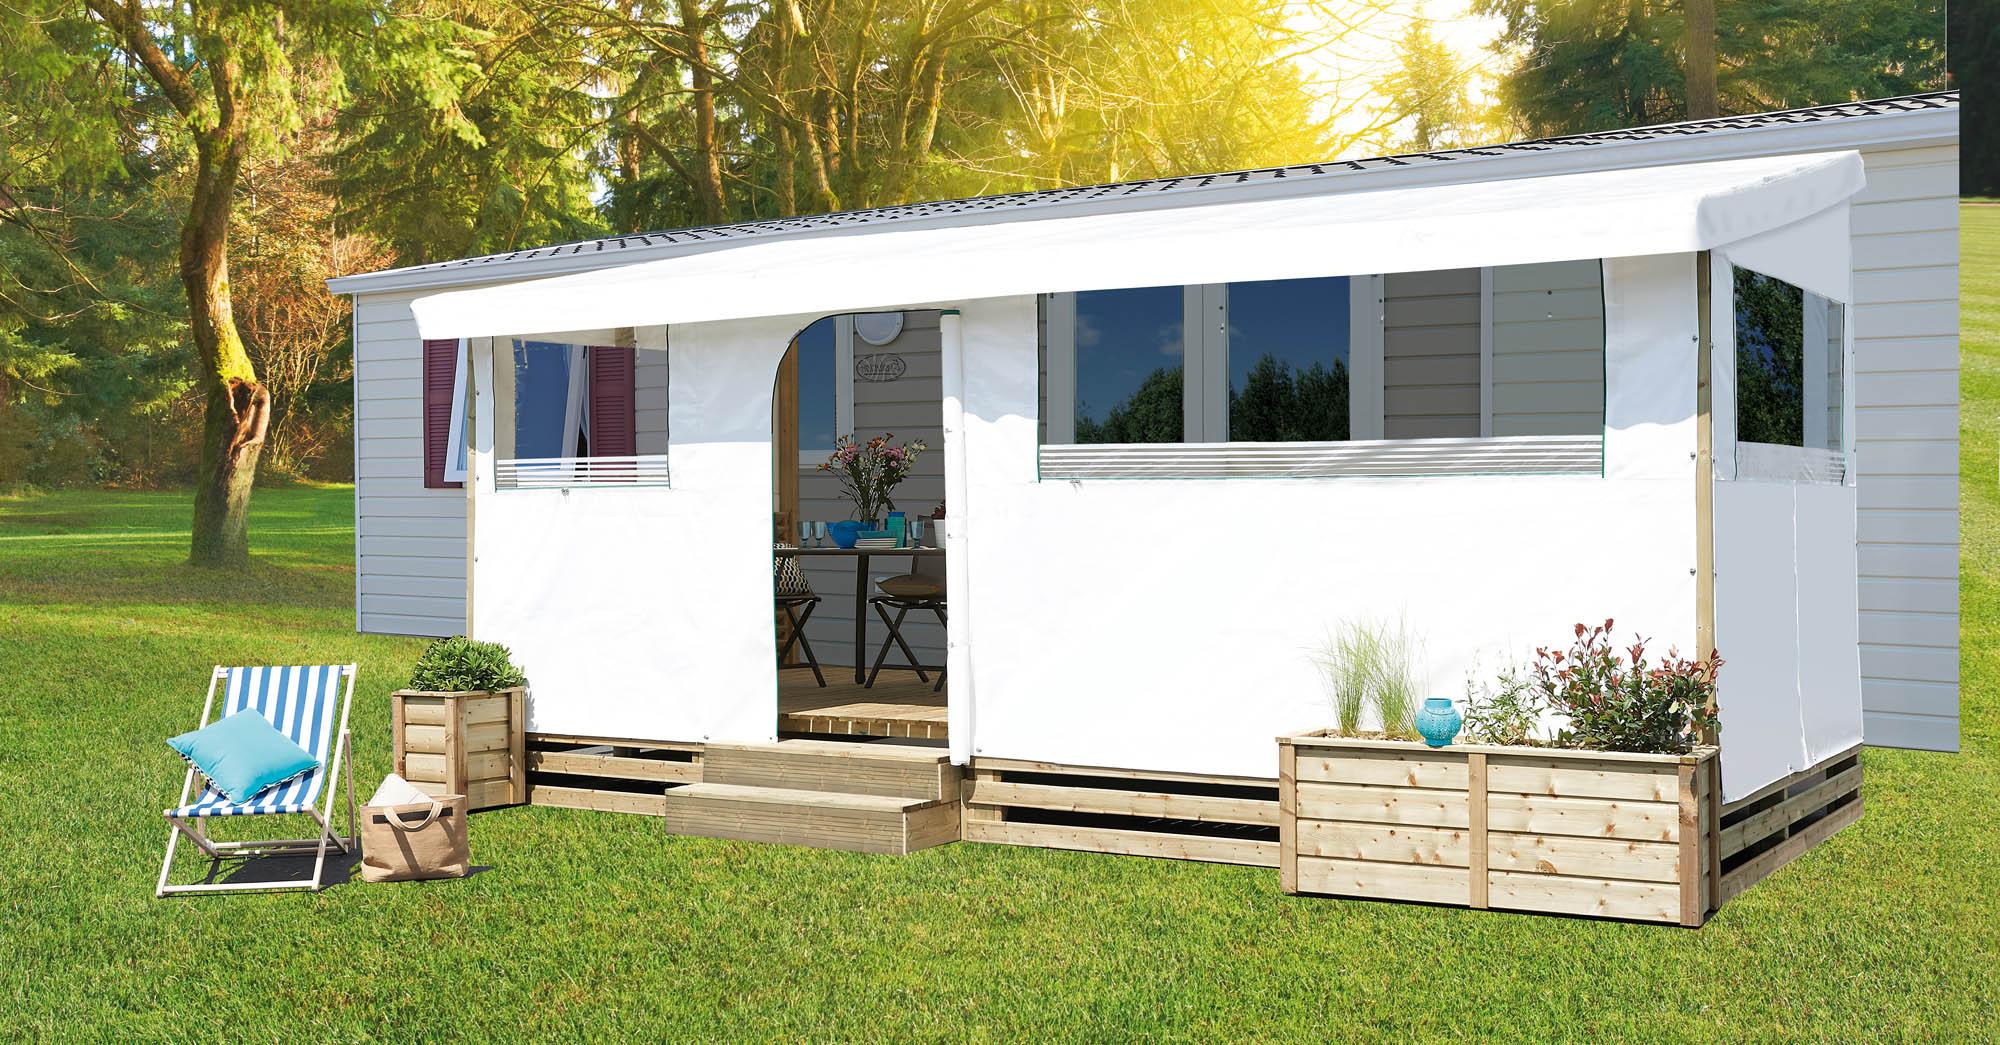 b che sur mesure pour terrasse de mobil home toit joue. Black Bedroom Furniture Sets. Home Design Ideas